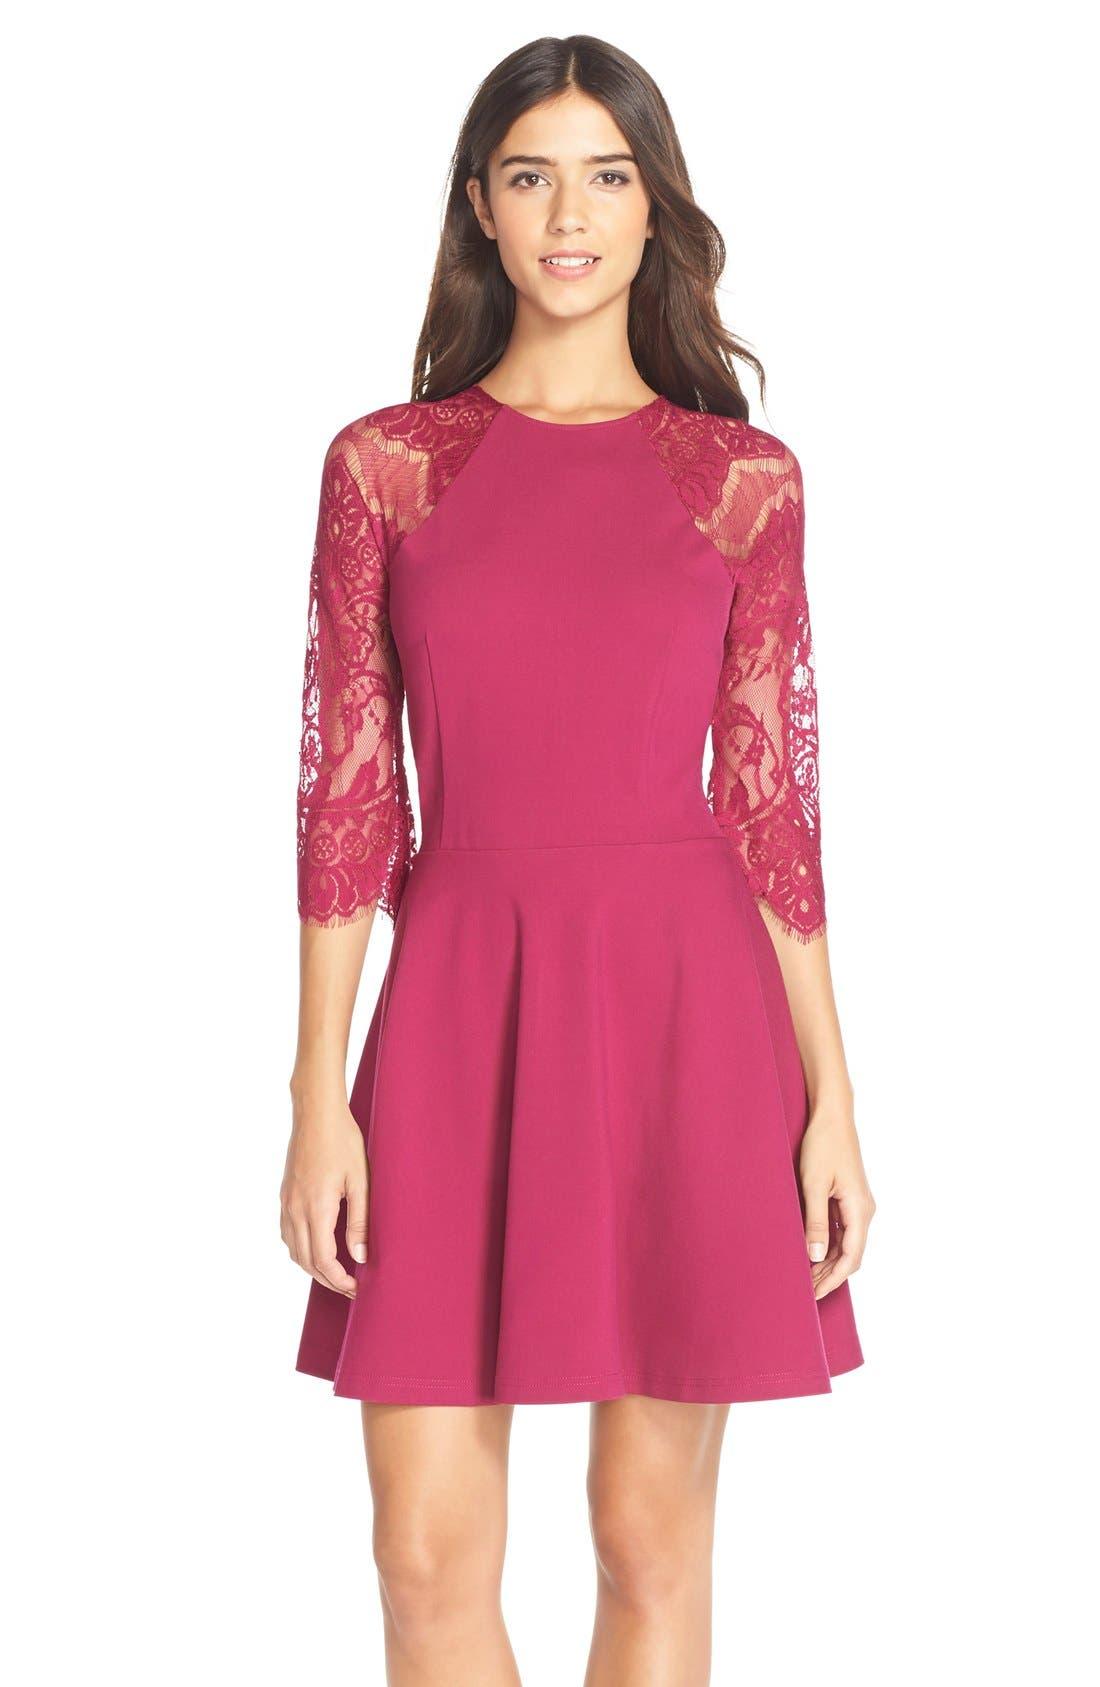 Main Image - BB Dakota 'Yale' Lace Panel Fit & Flare Dress